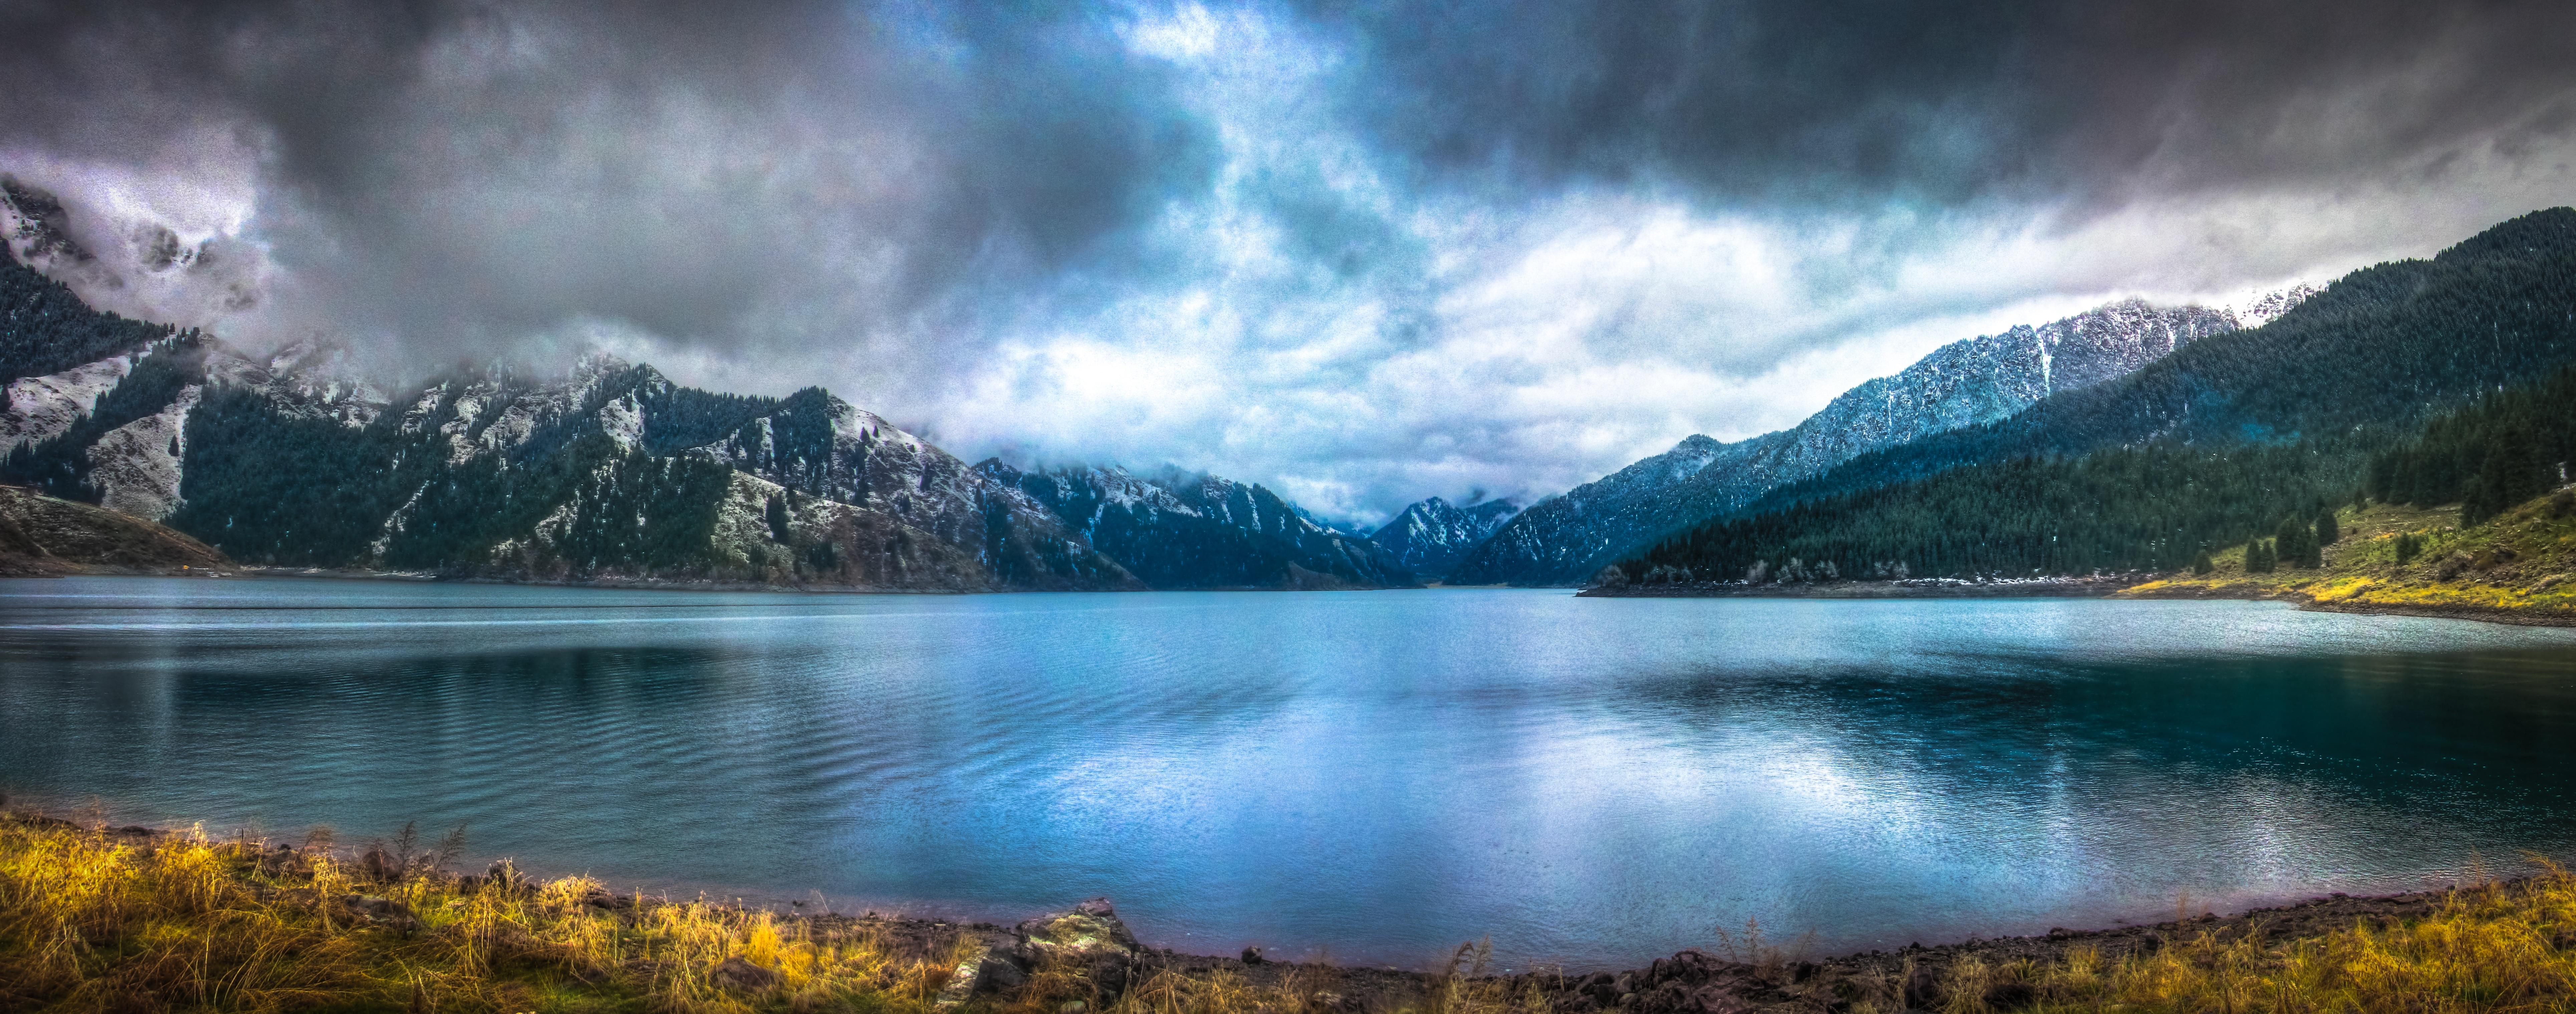 Gambar Pemandangan Gurun Gunung Awan Sinar Matahari Pagi